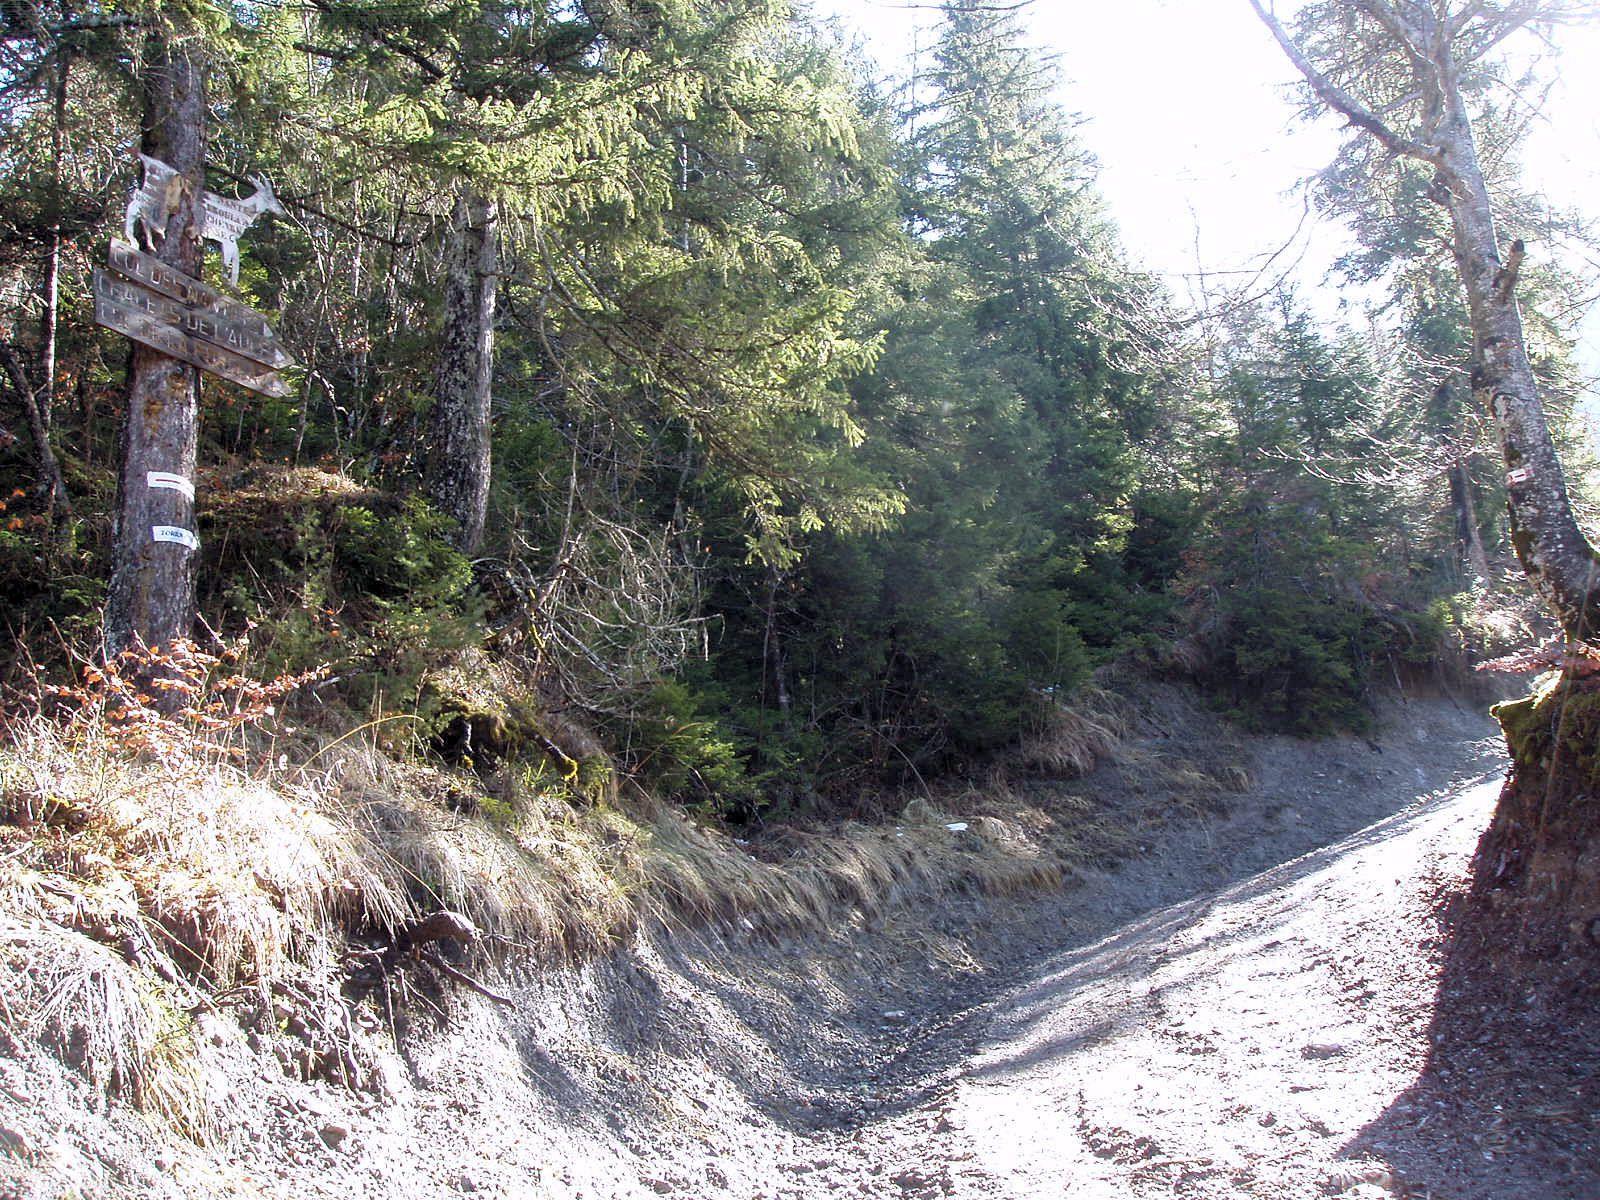 Laarge sentier jusqu'au col des Nantets - Il est marqué par des flèches vert fluo et rouge. Parfois, les panneaux indicateurs sont...dans les arbres (A gauche sur cette photo)